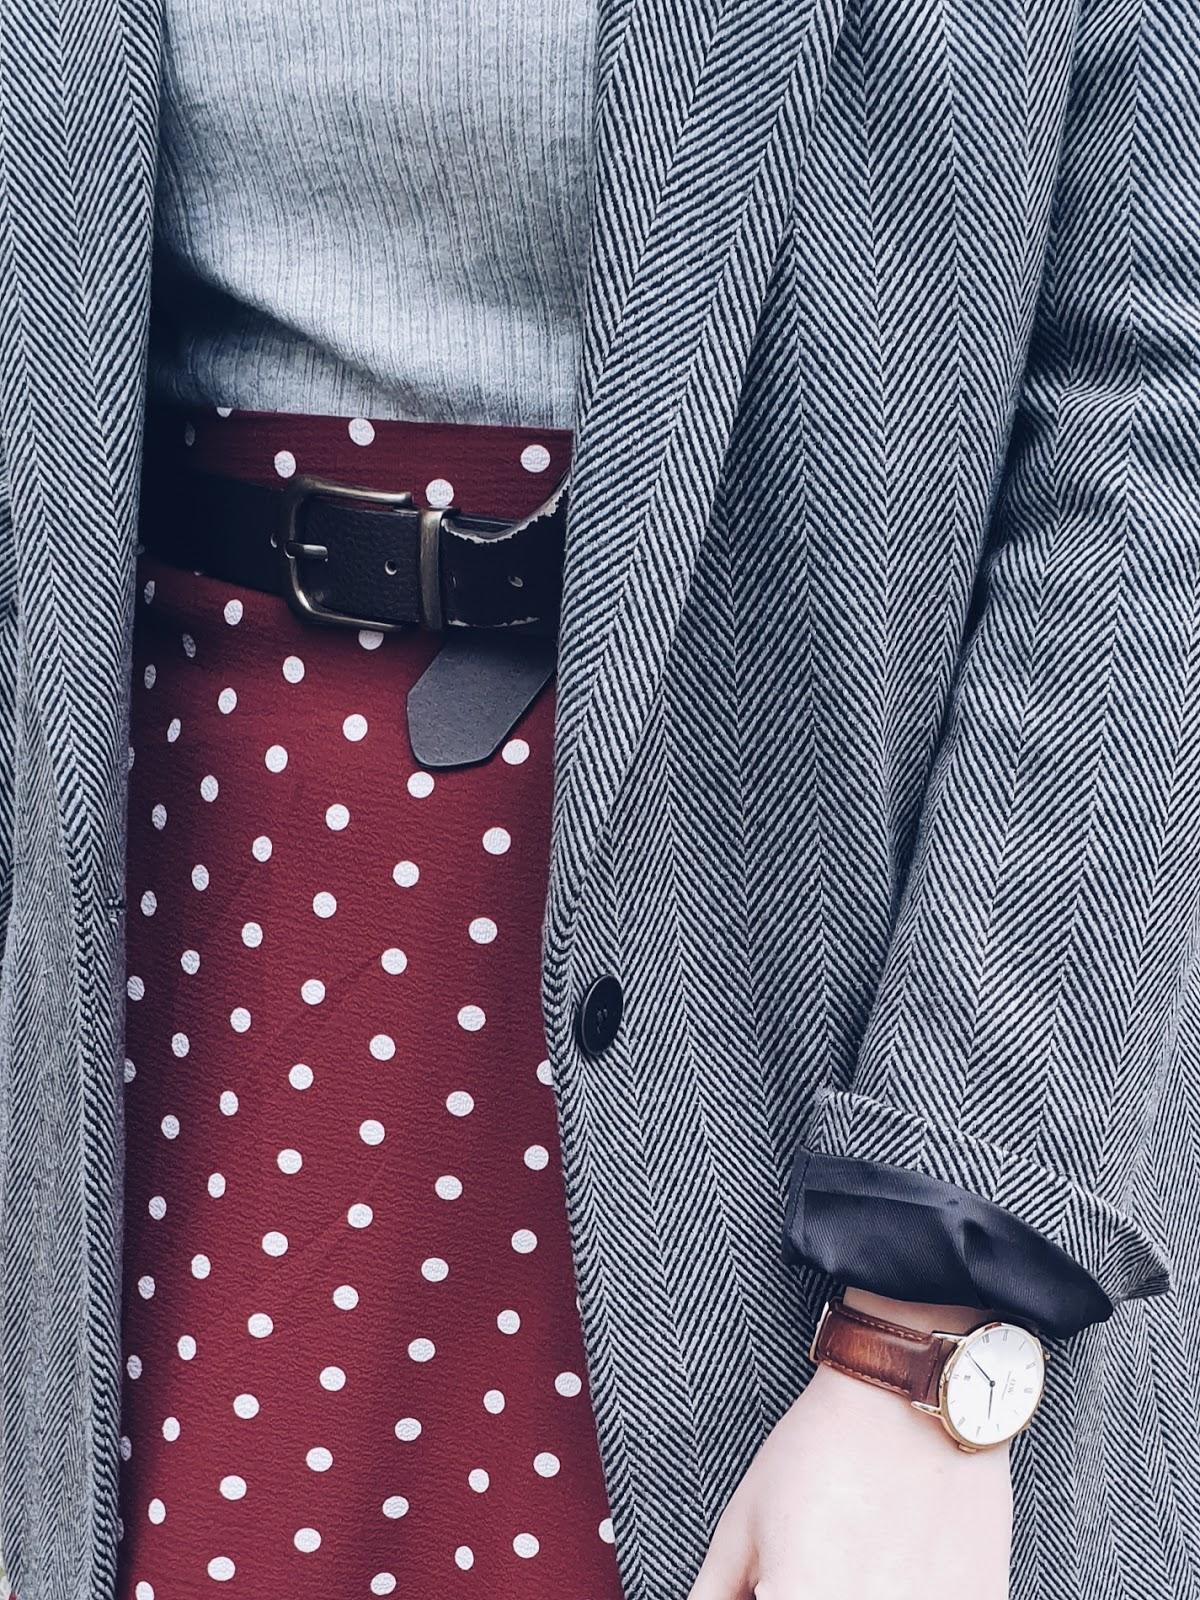 Herringbone jacket & maxi skirt czyli szarości i grochy